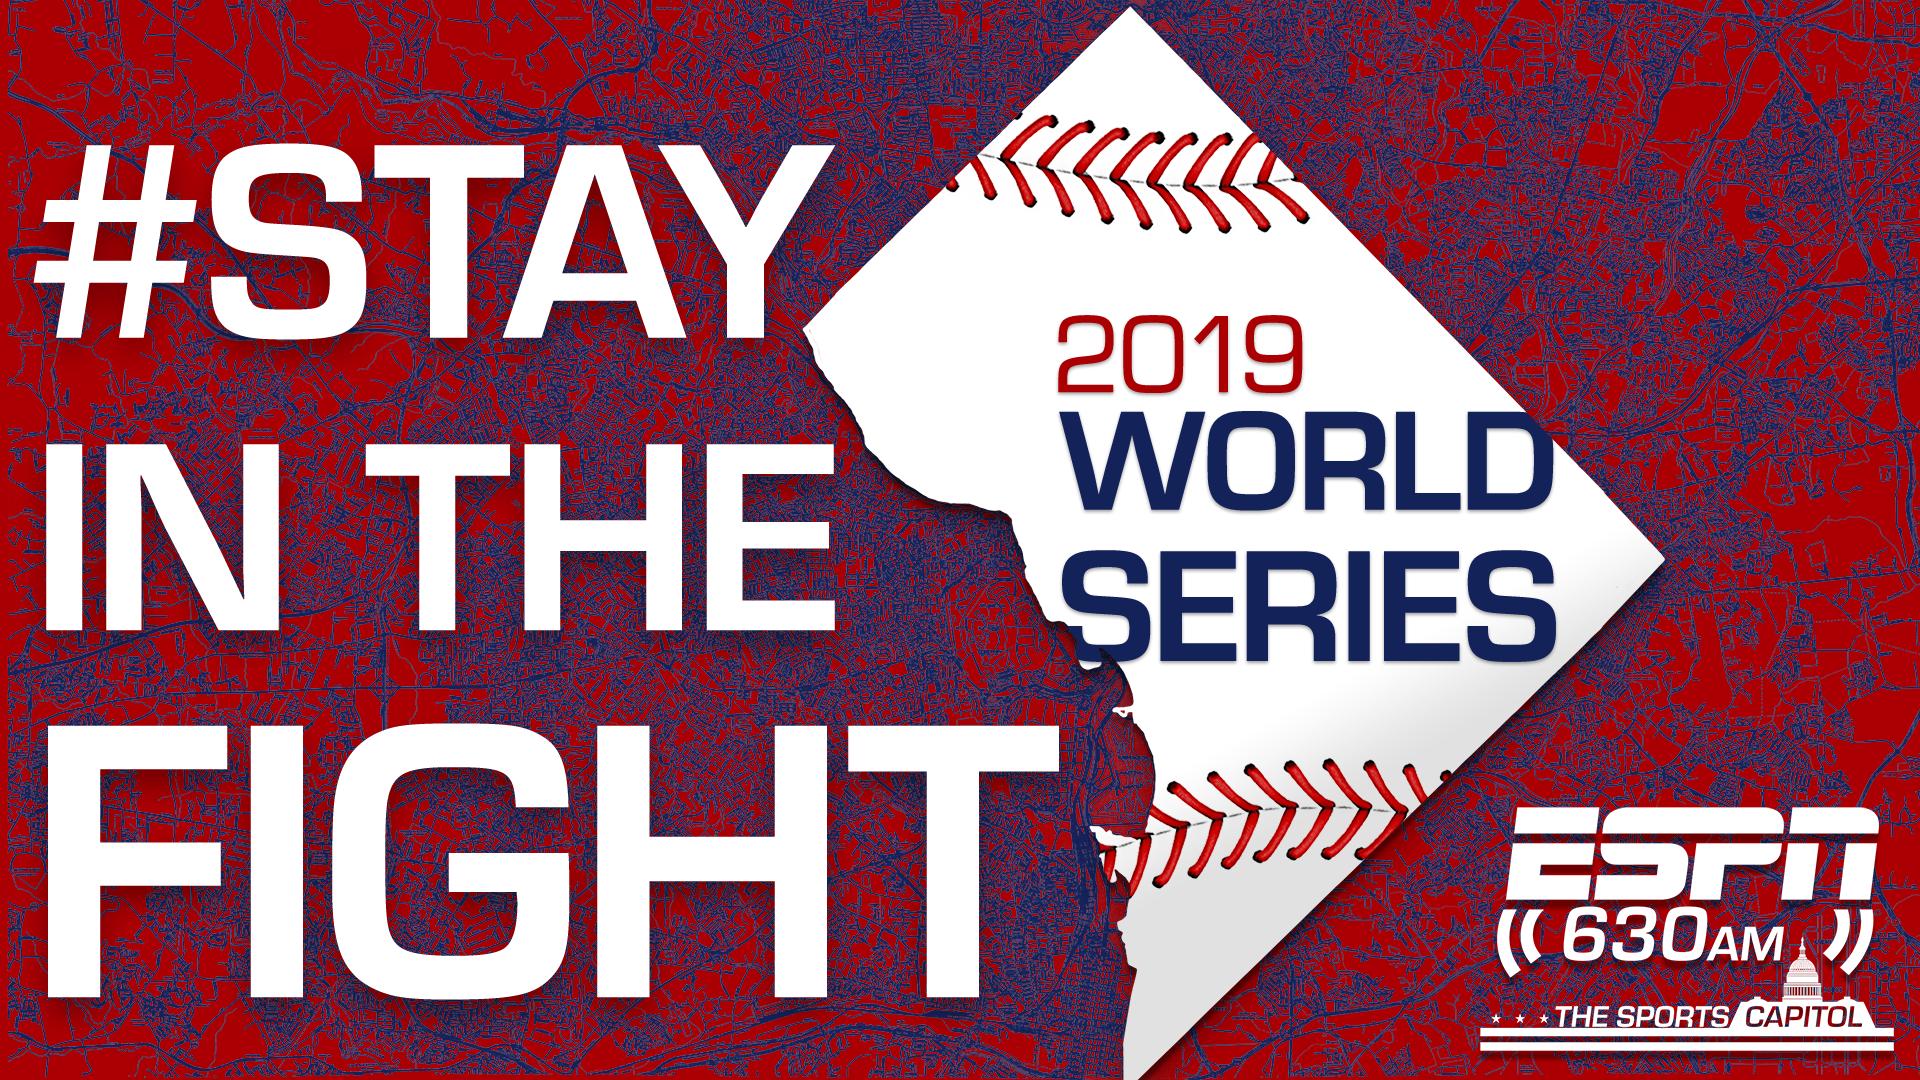 Listen to World Series Game 7